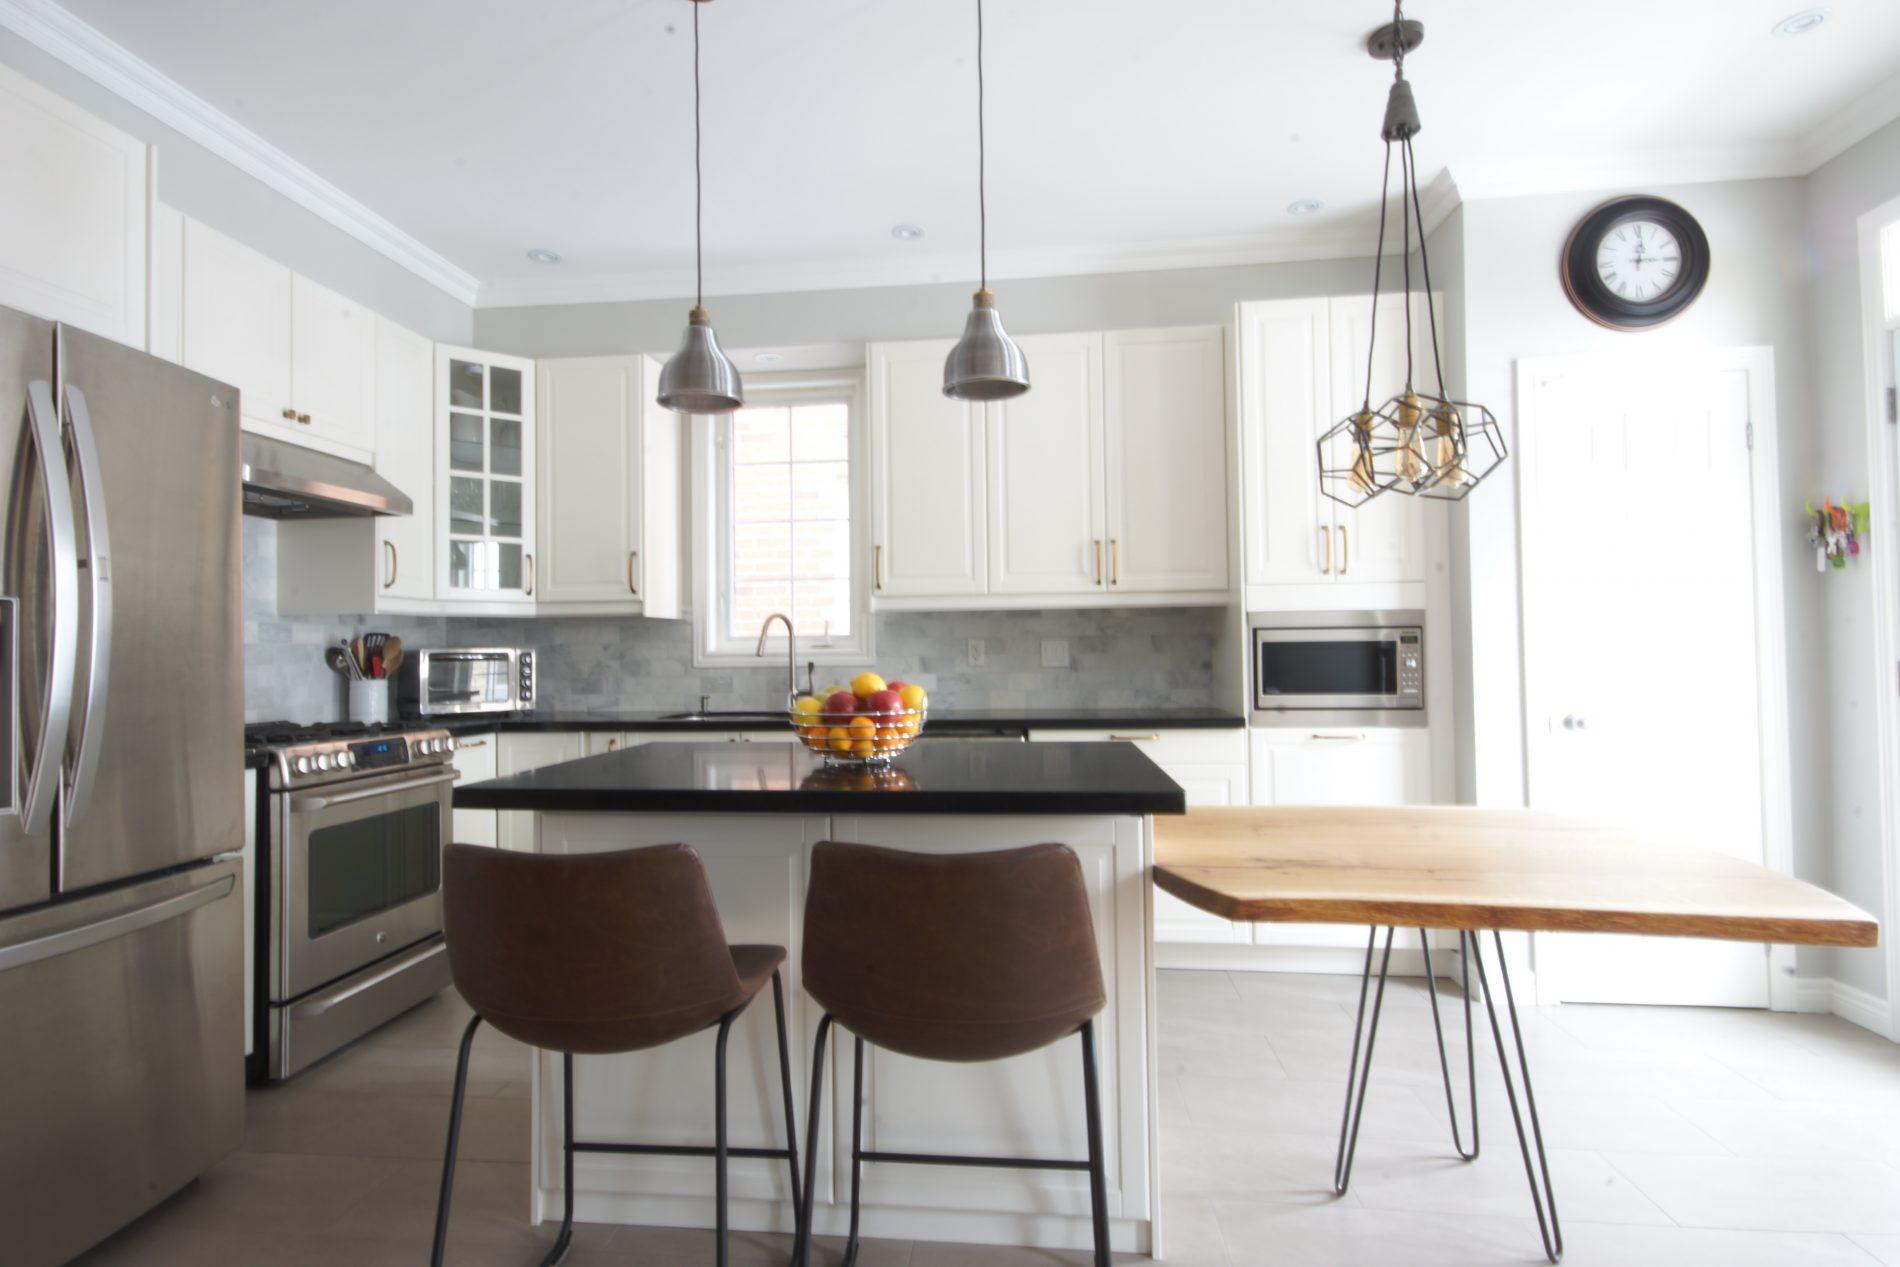 Evaridge Dr. – Markham Ikea Kitchen Renovation - Featured Image